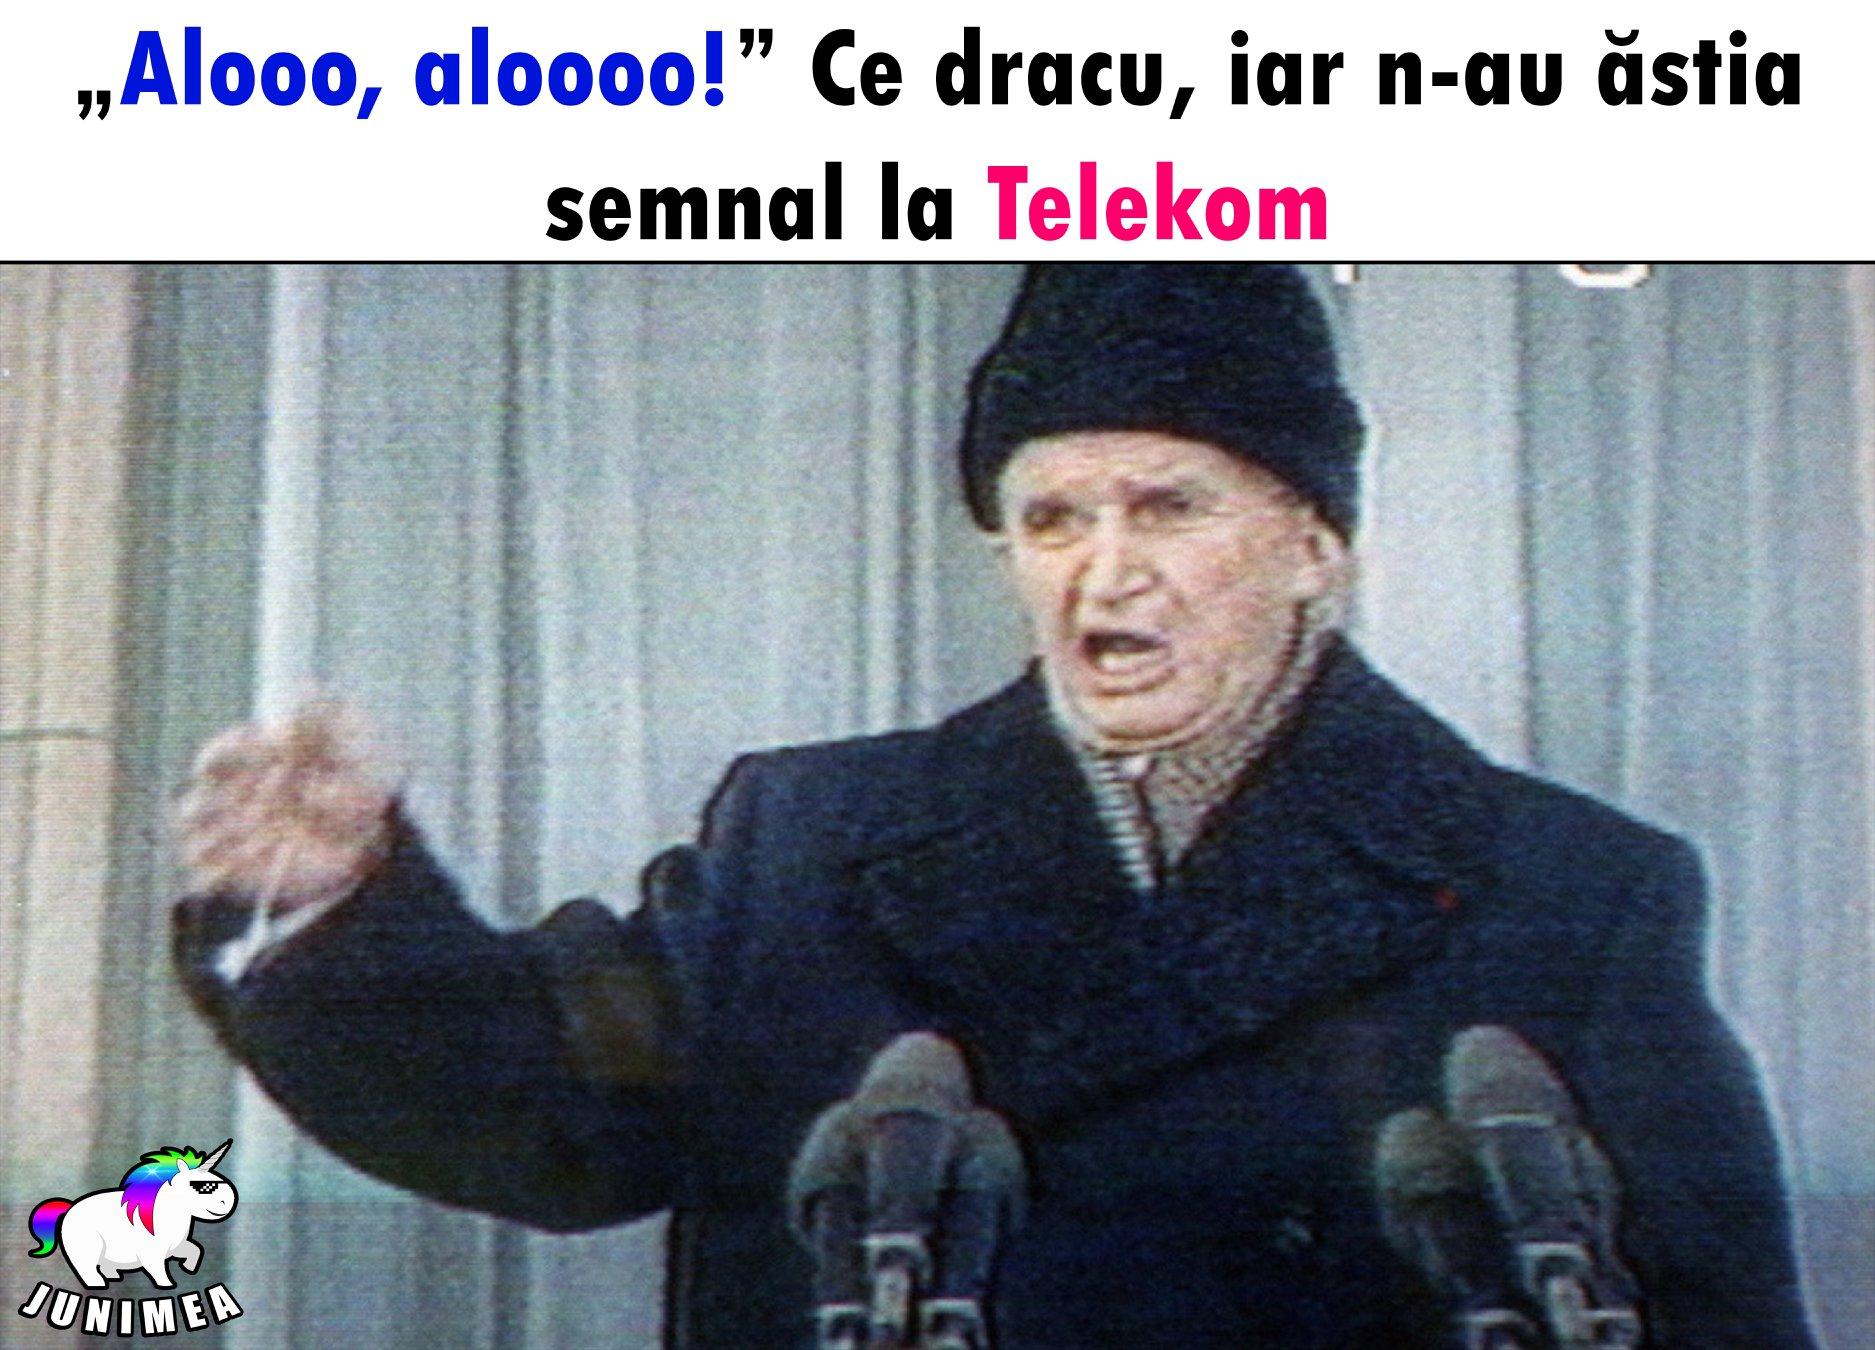 meme telekom picat 4